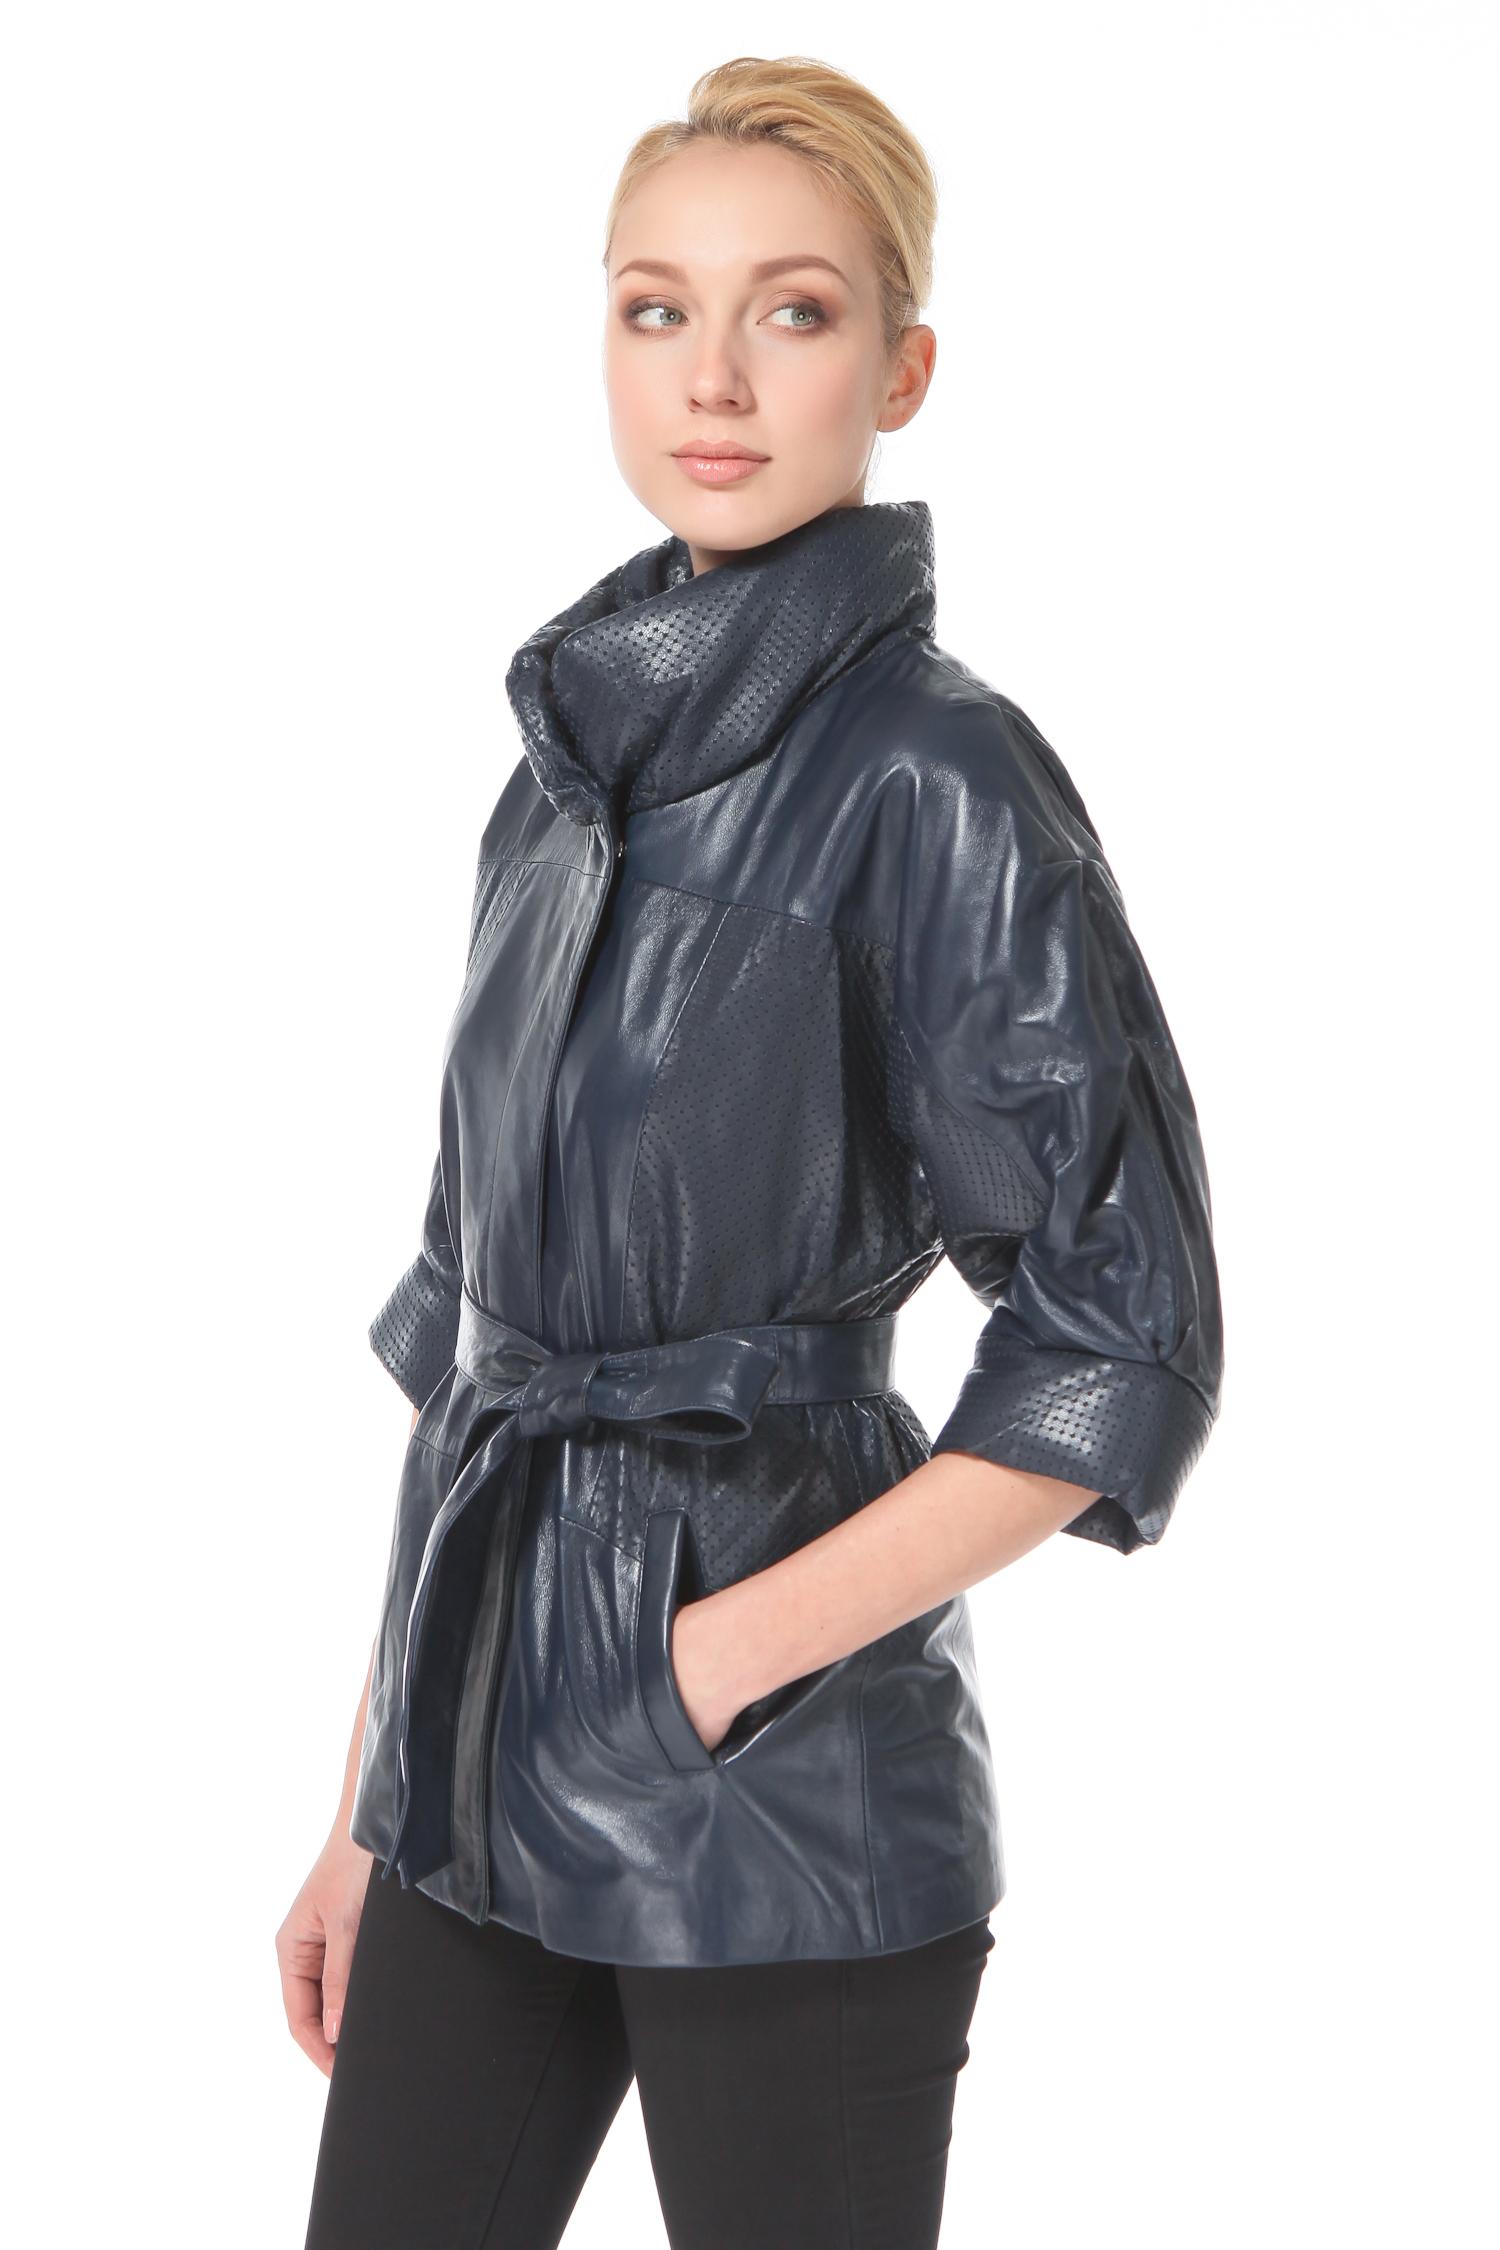 Женская кожаная куртка из натуральной кожи с воротником, без отделки<br><br>Воротник: стойка<br>Длина см: Средняя (75-89 )<br>Материал: Кожа овчина<br>Цвет: синий<br>Вид застежки: потайная<br>Застежка: на молнии<br>Пол: Женский<br>Размер RU: 52